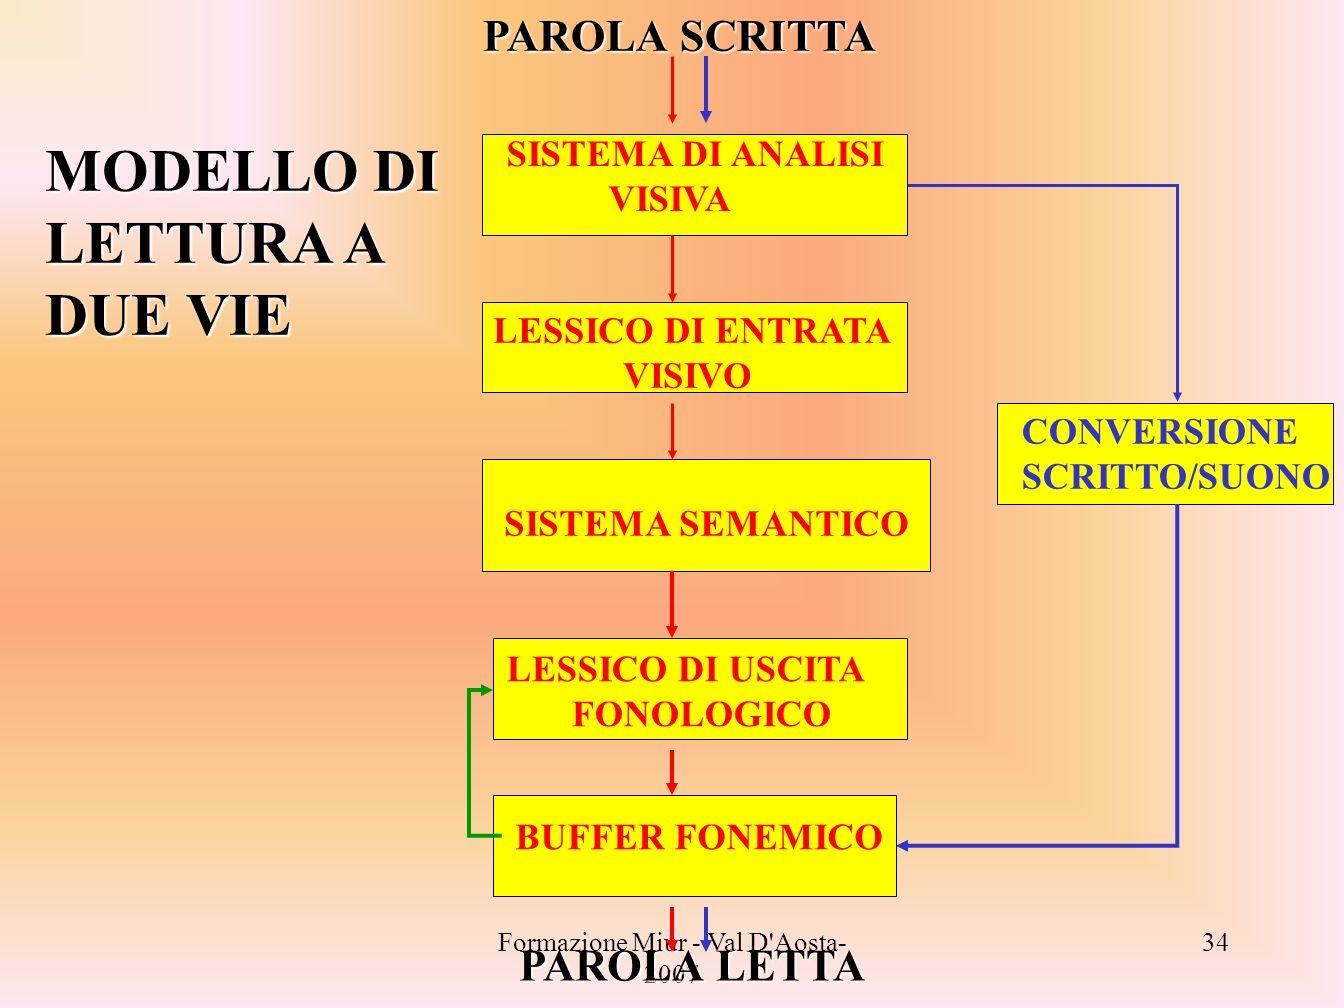 Formazione Miur - Val D'Aosta- 2007 34 PAROLA SCRITTA SISTEMA DI ANALISI VISIVA LESSICO DI ENTRATA VISIVO SISTEMA SEMANTICO LESSICO DI USCITA FONOLOGI